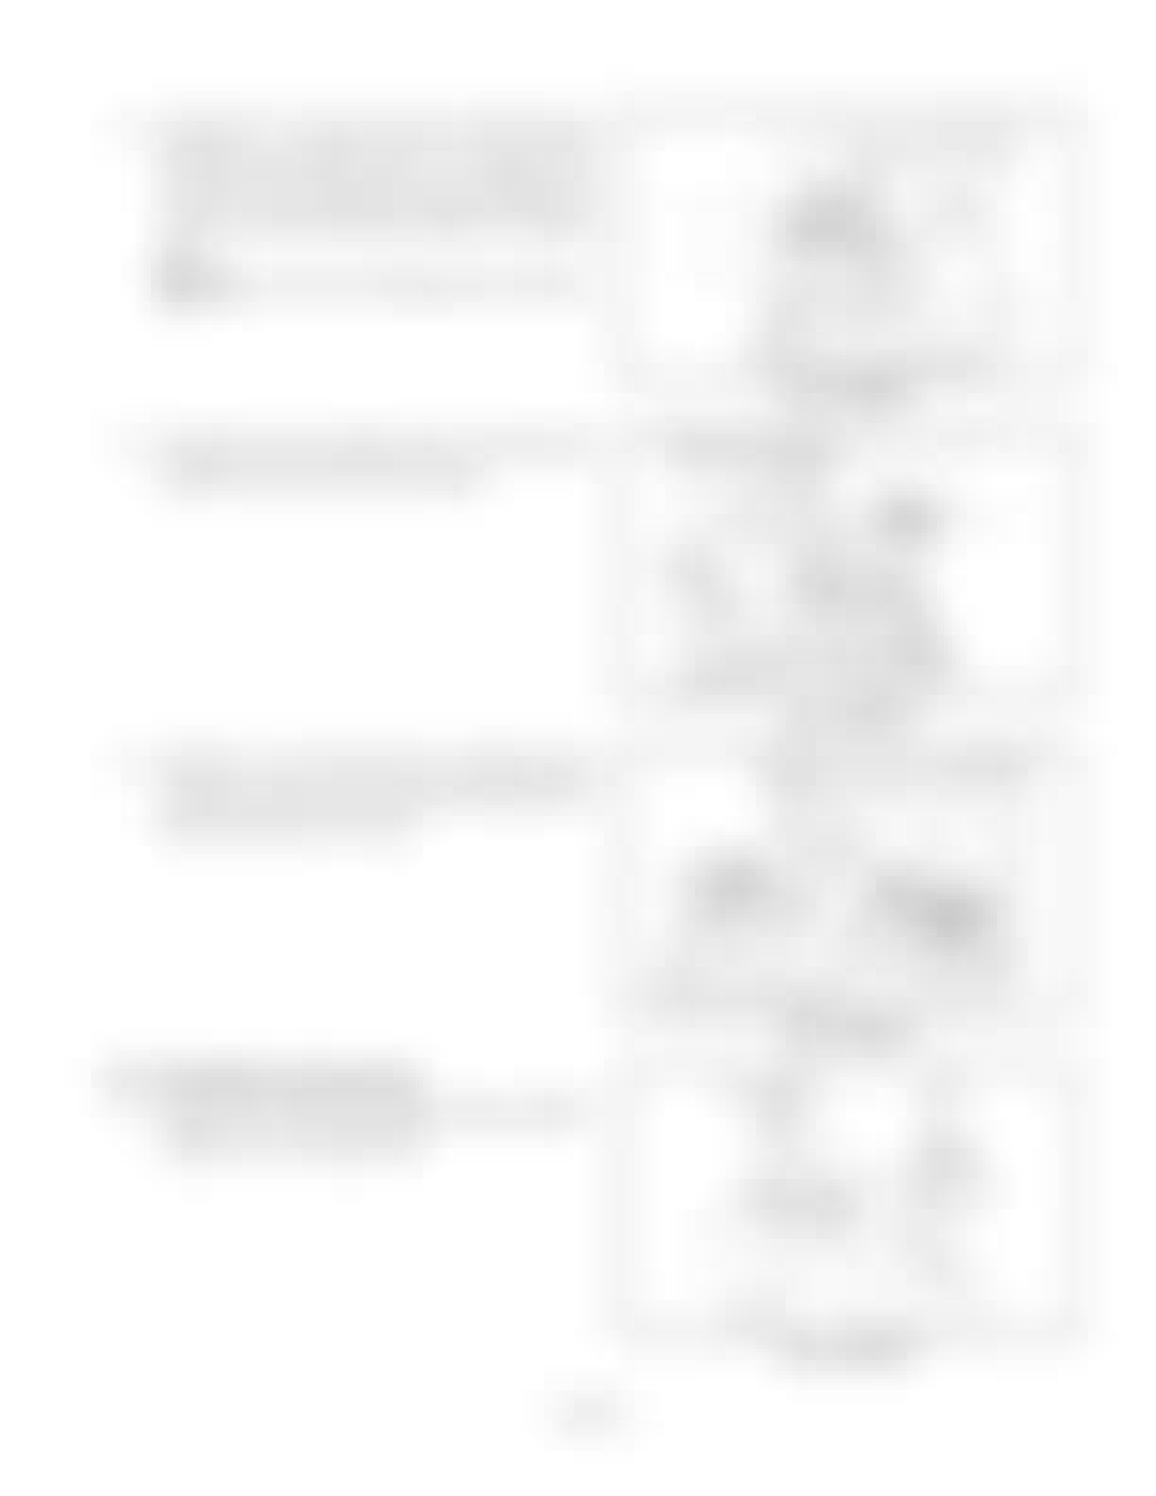 Hitachi LX110-7 LX130-7 LX160-7 LX190-7 LX230-7 Wheel Loader Workshop Manual - PDF DOWNLOAD page 145